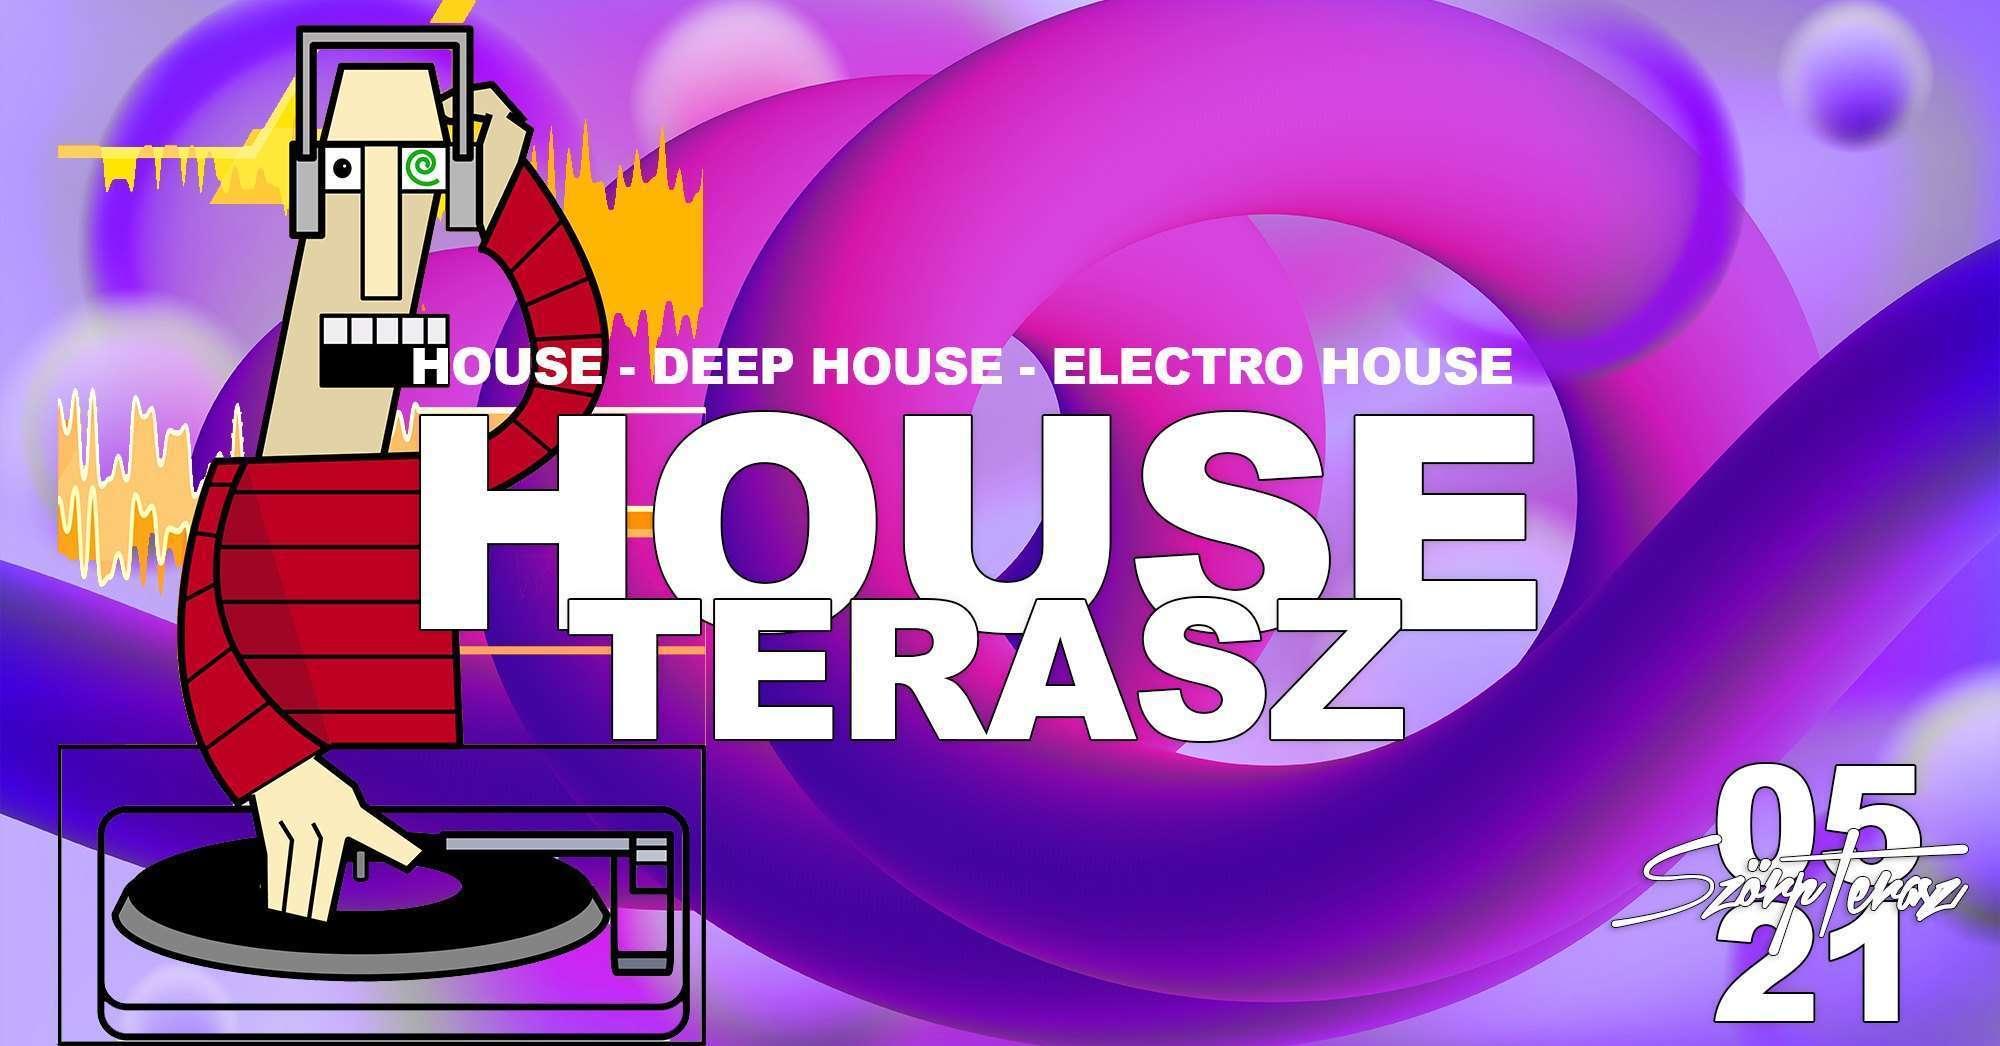 szorp-terasz-05-22-House-Music-MATUA-Uj-Zeland-szorpterasz-itt-mindenki-osszejon